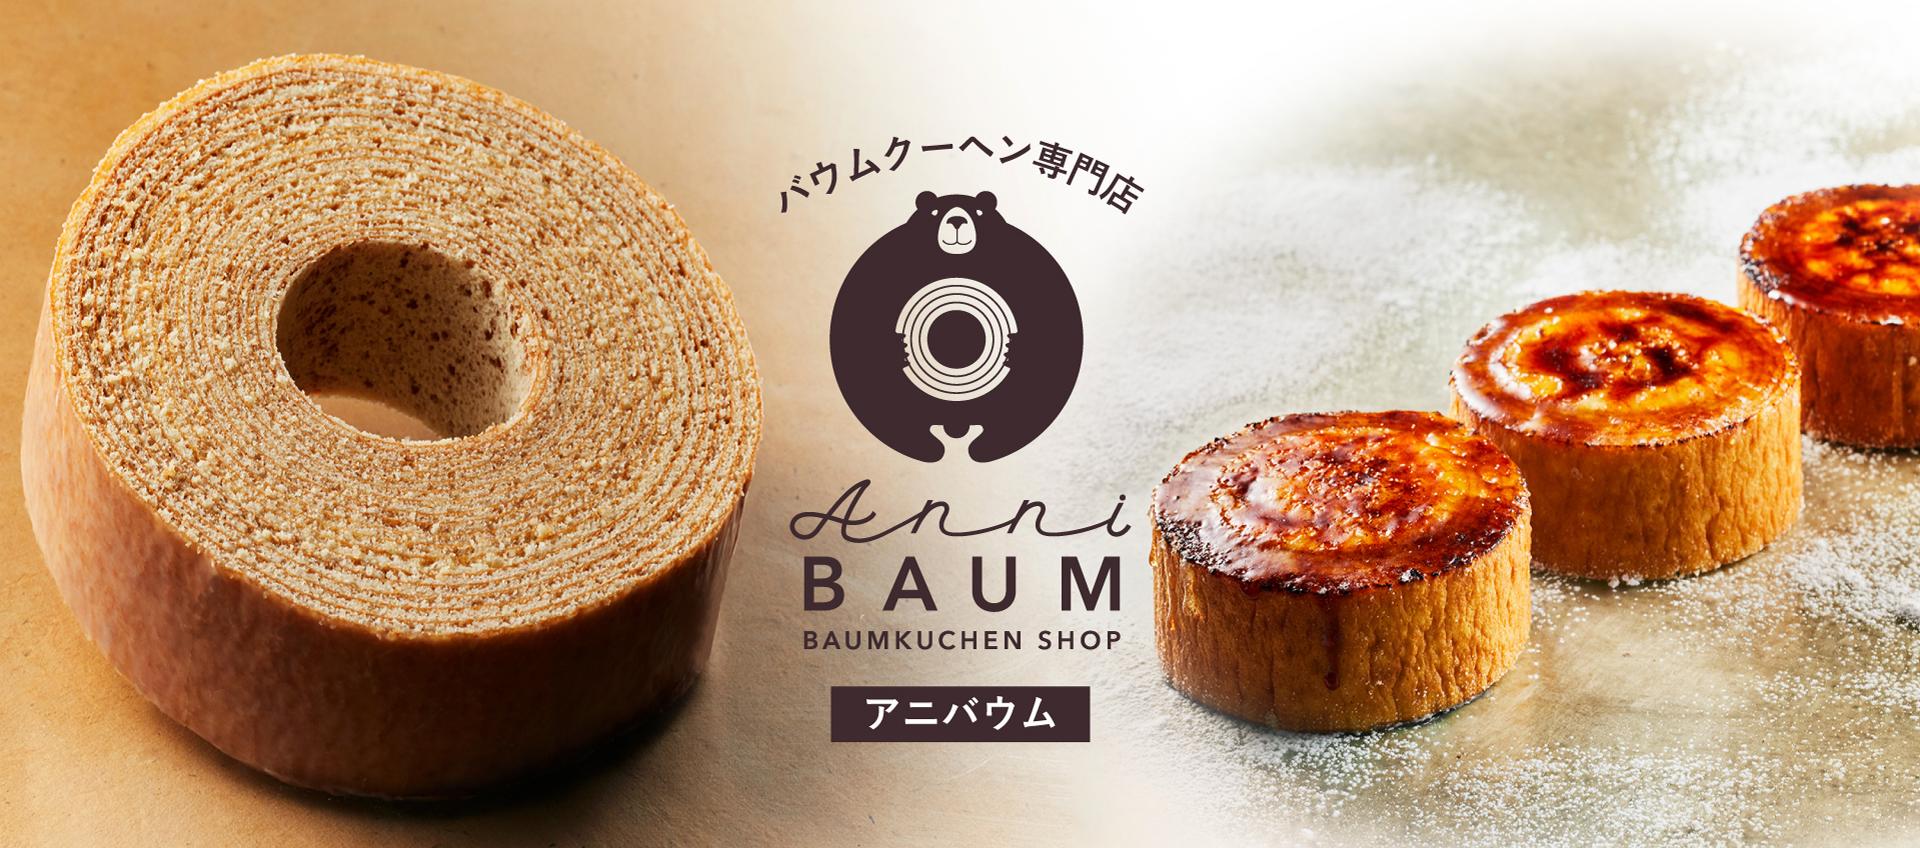 バウムクーヘン専門店 Anni BAUM